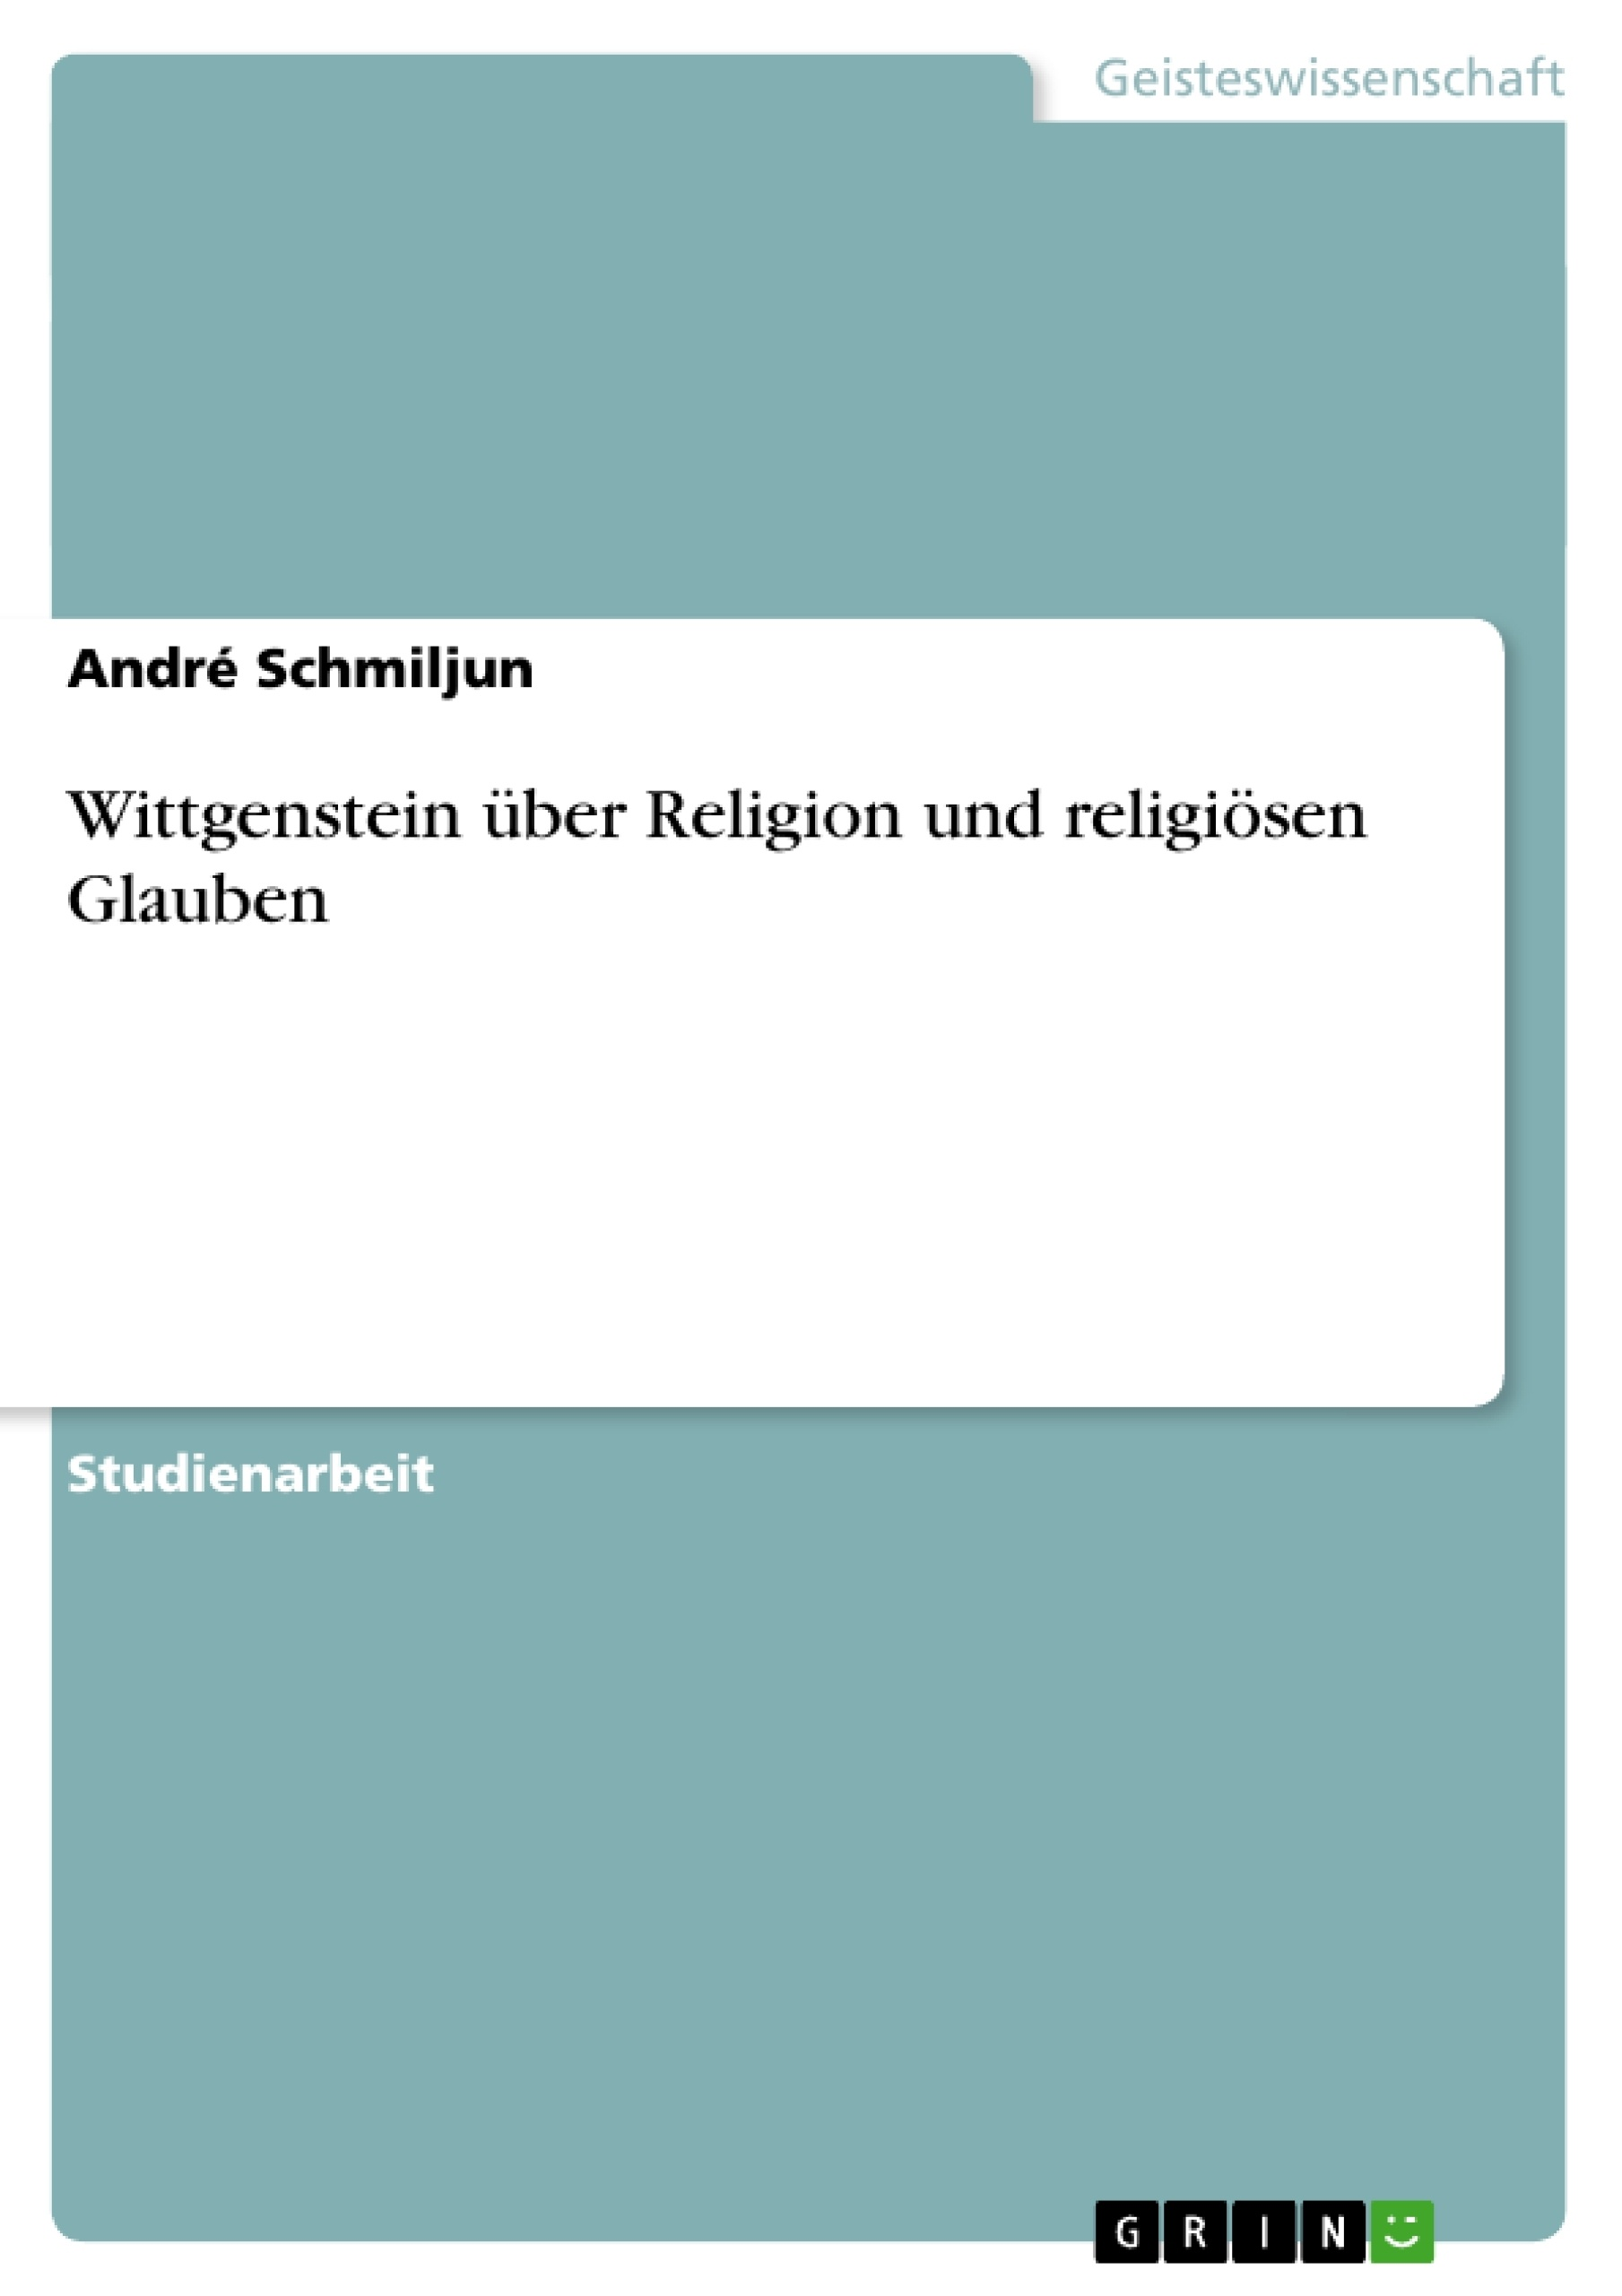 Titel: Wittgenstein über Religion und religiösen Glauben